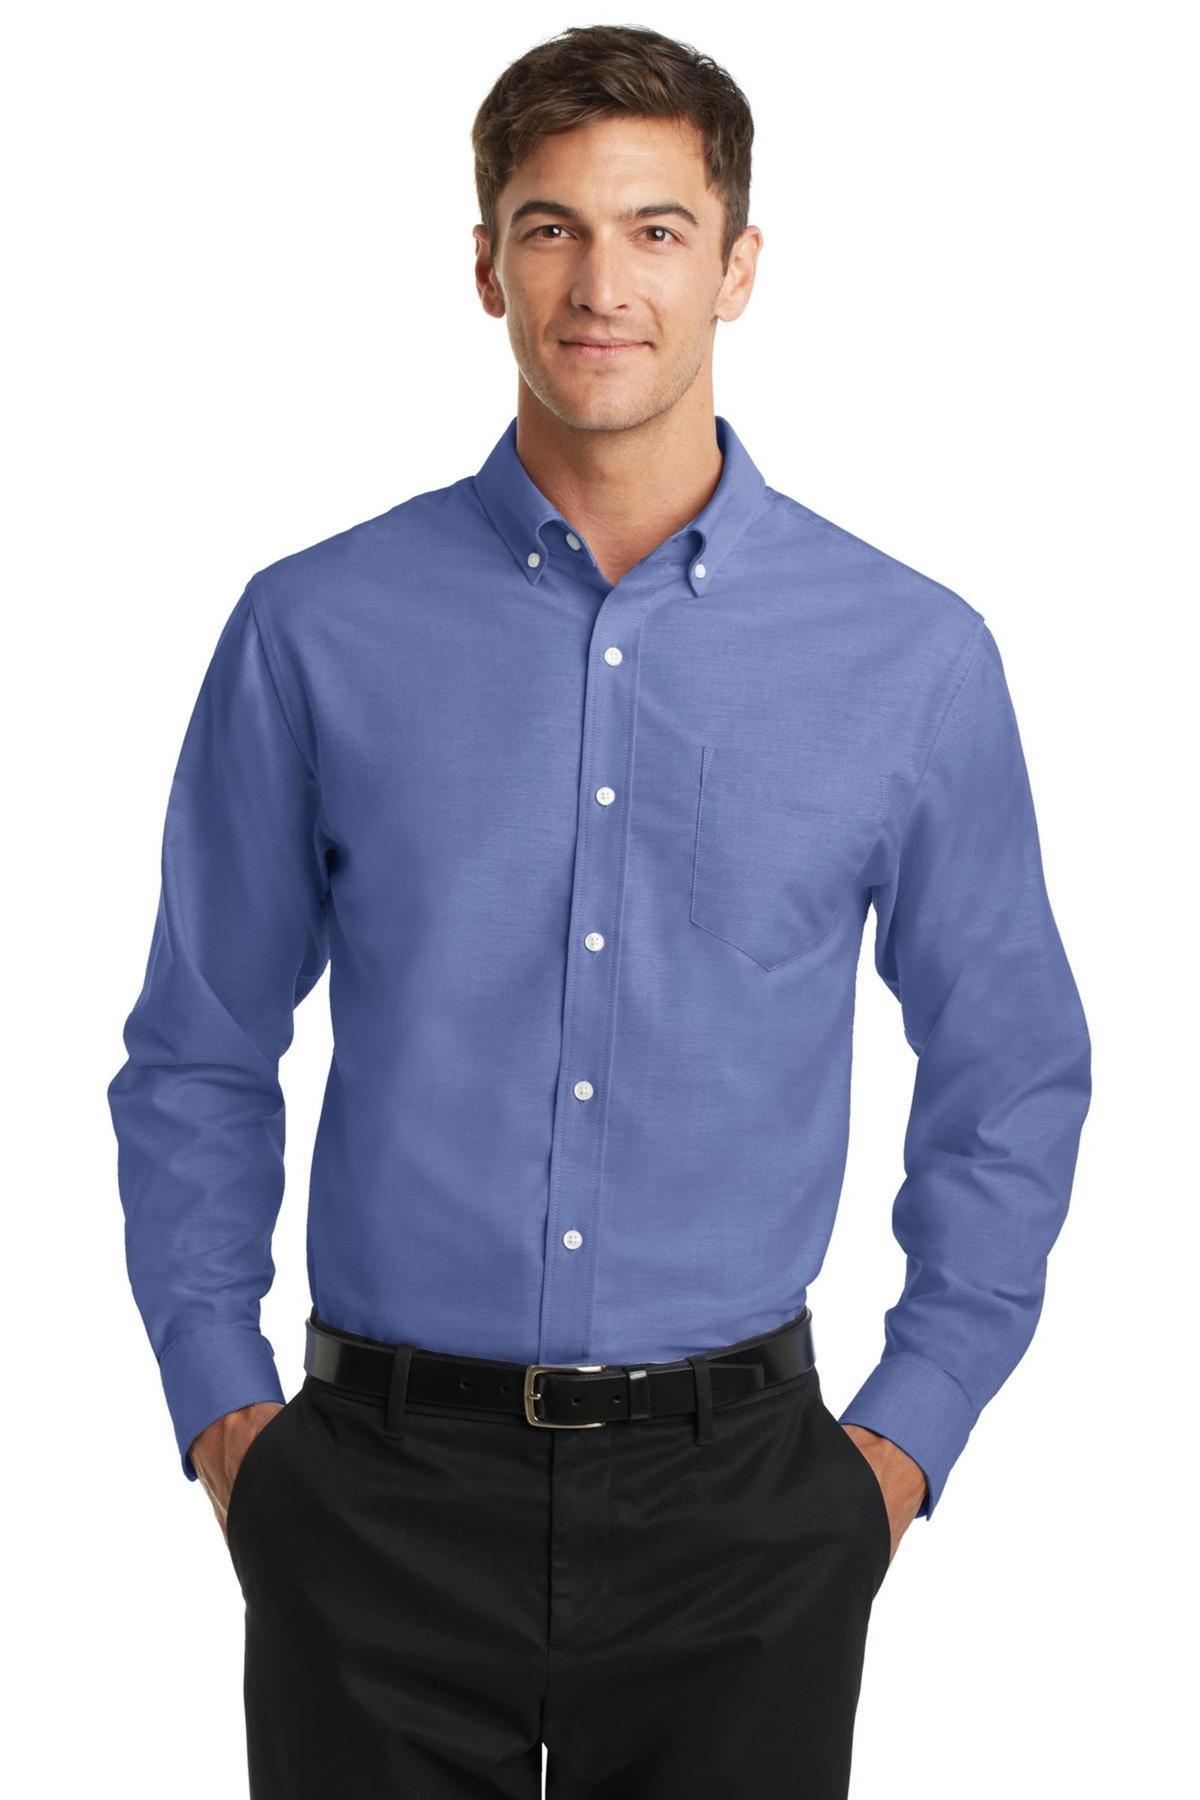 Queensboro Shirt Company T Shirts Design Concept